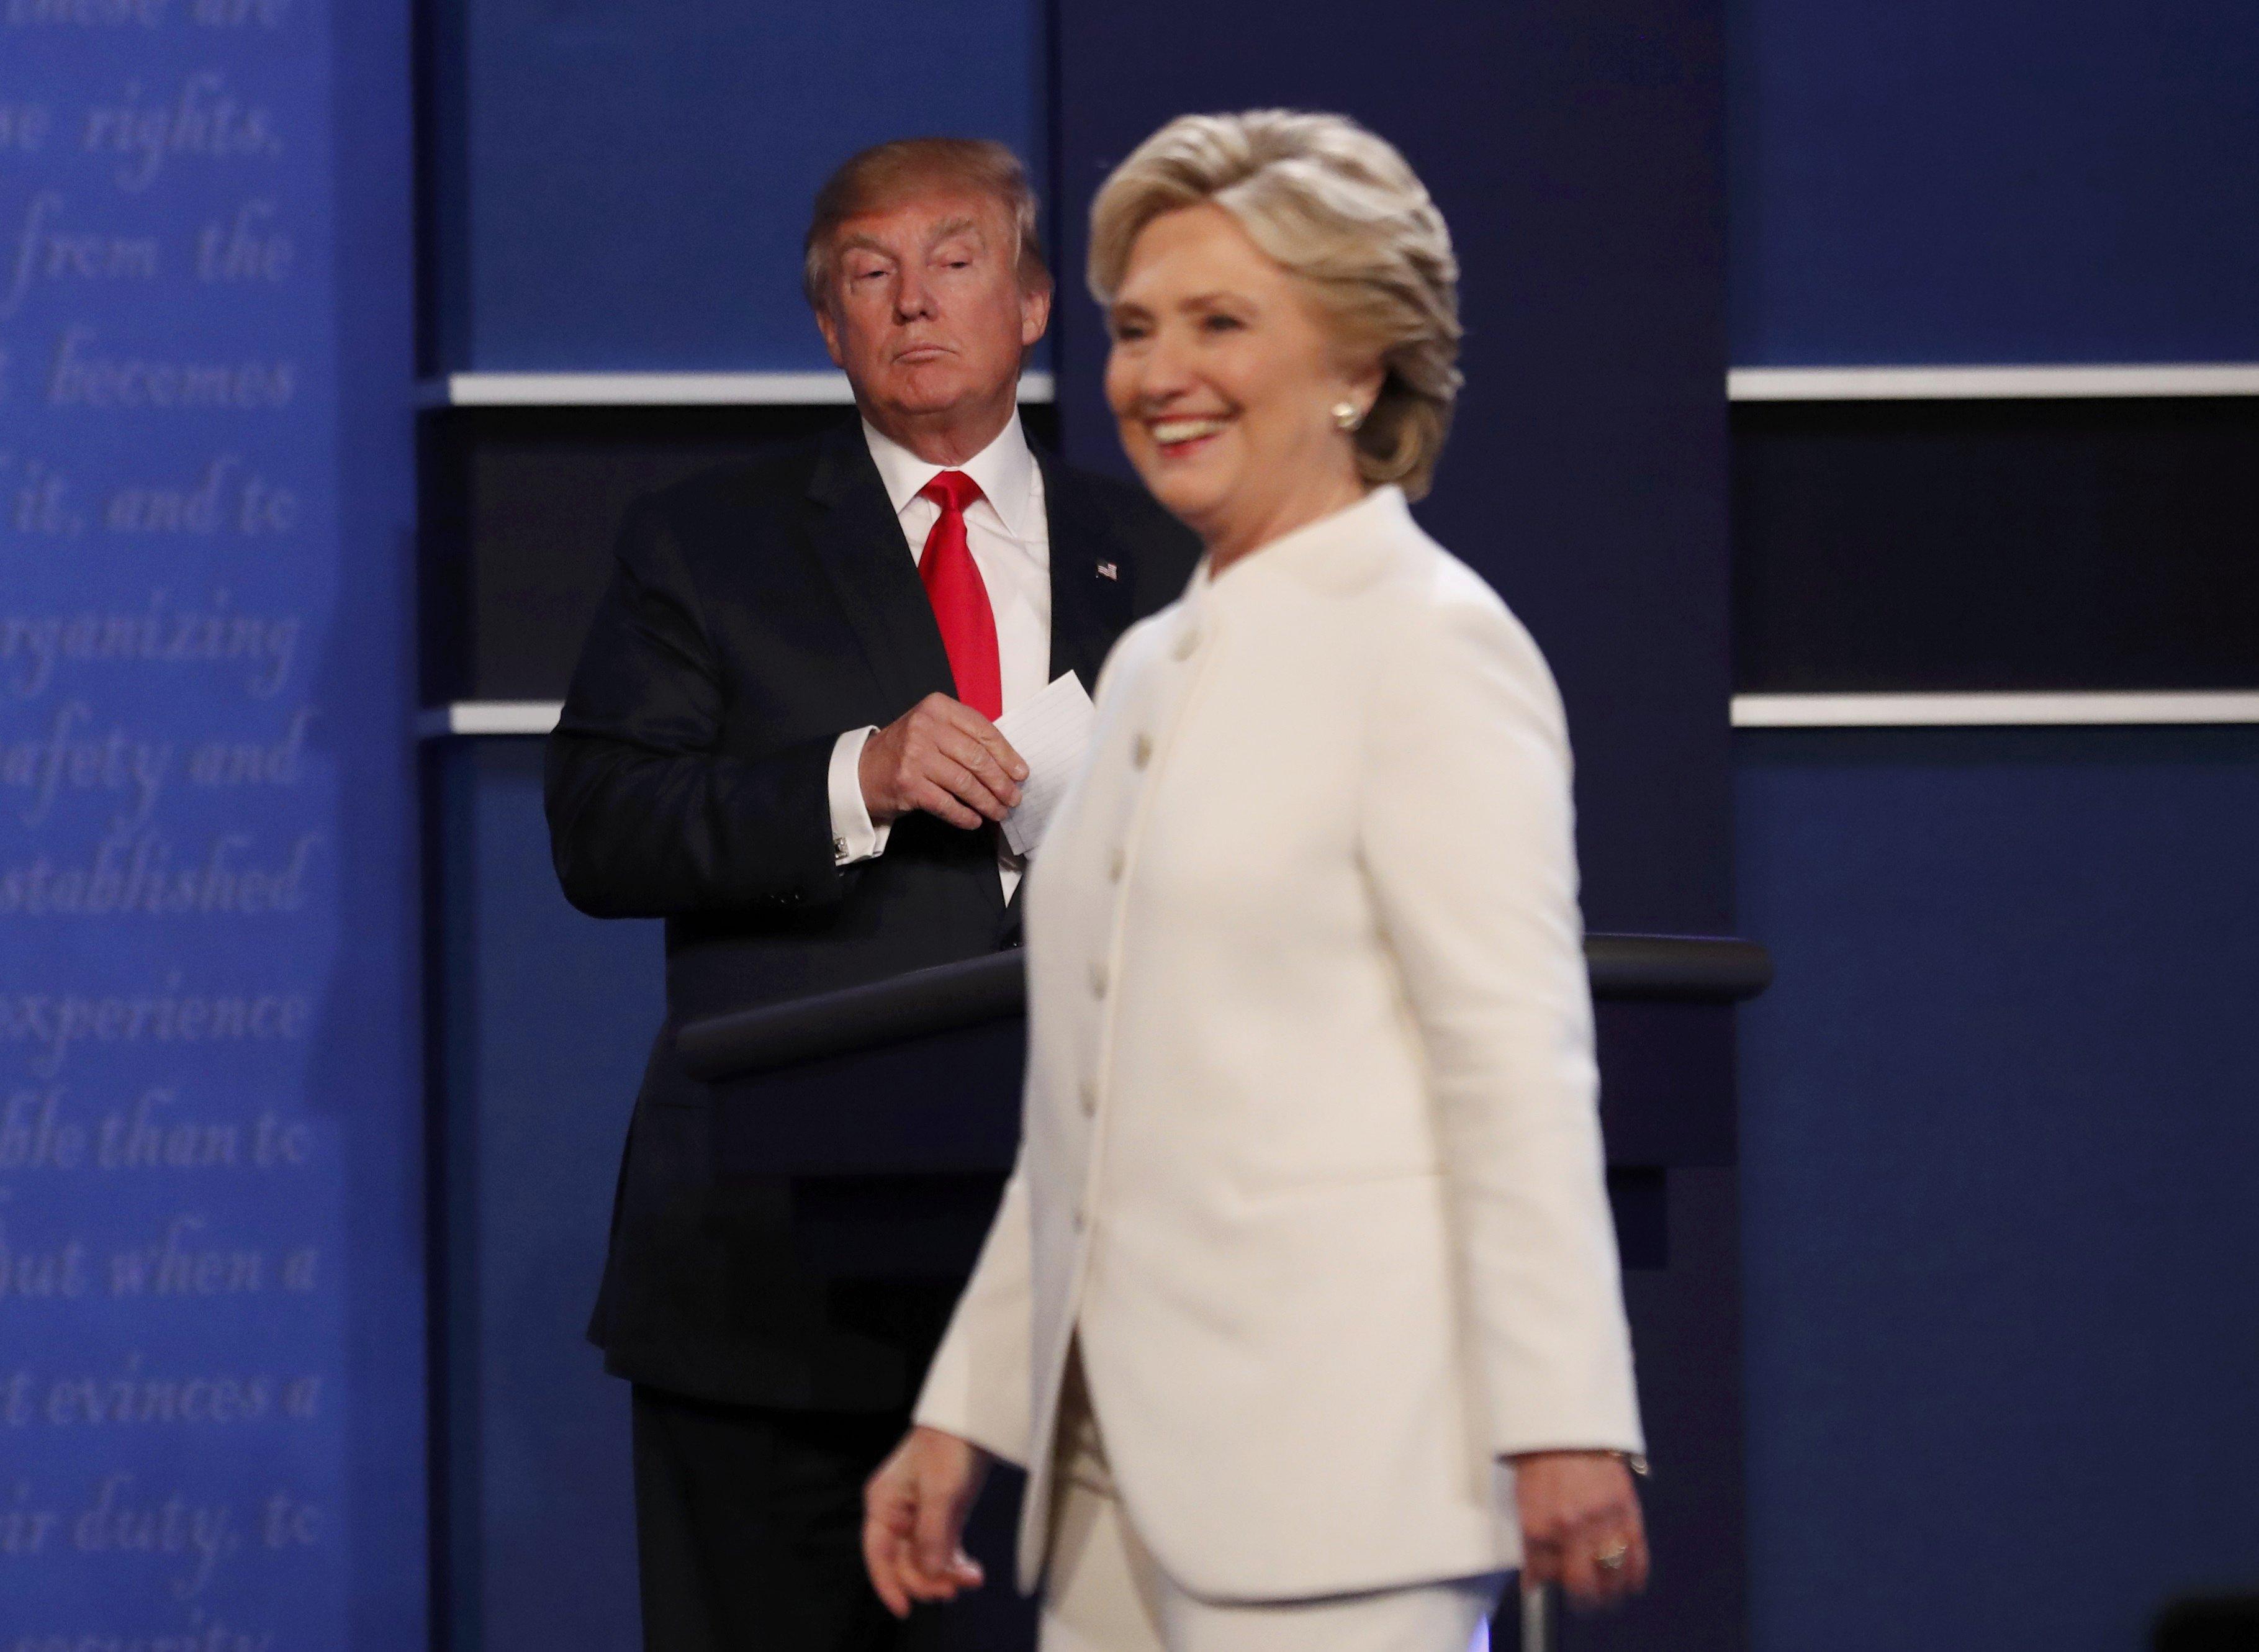 Θέλει η Χίλαρι να κρυφτεί και ο… Τραμπ δεν την αφήνει! «Μην είσαι π@π@ρ@ς» και τρολάρισμα με Κένεντι και Χρουστσόφ